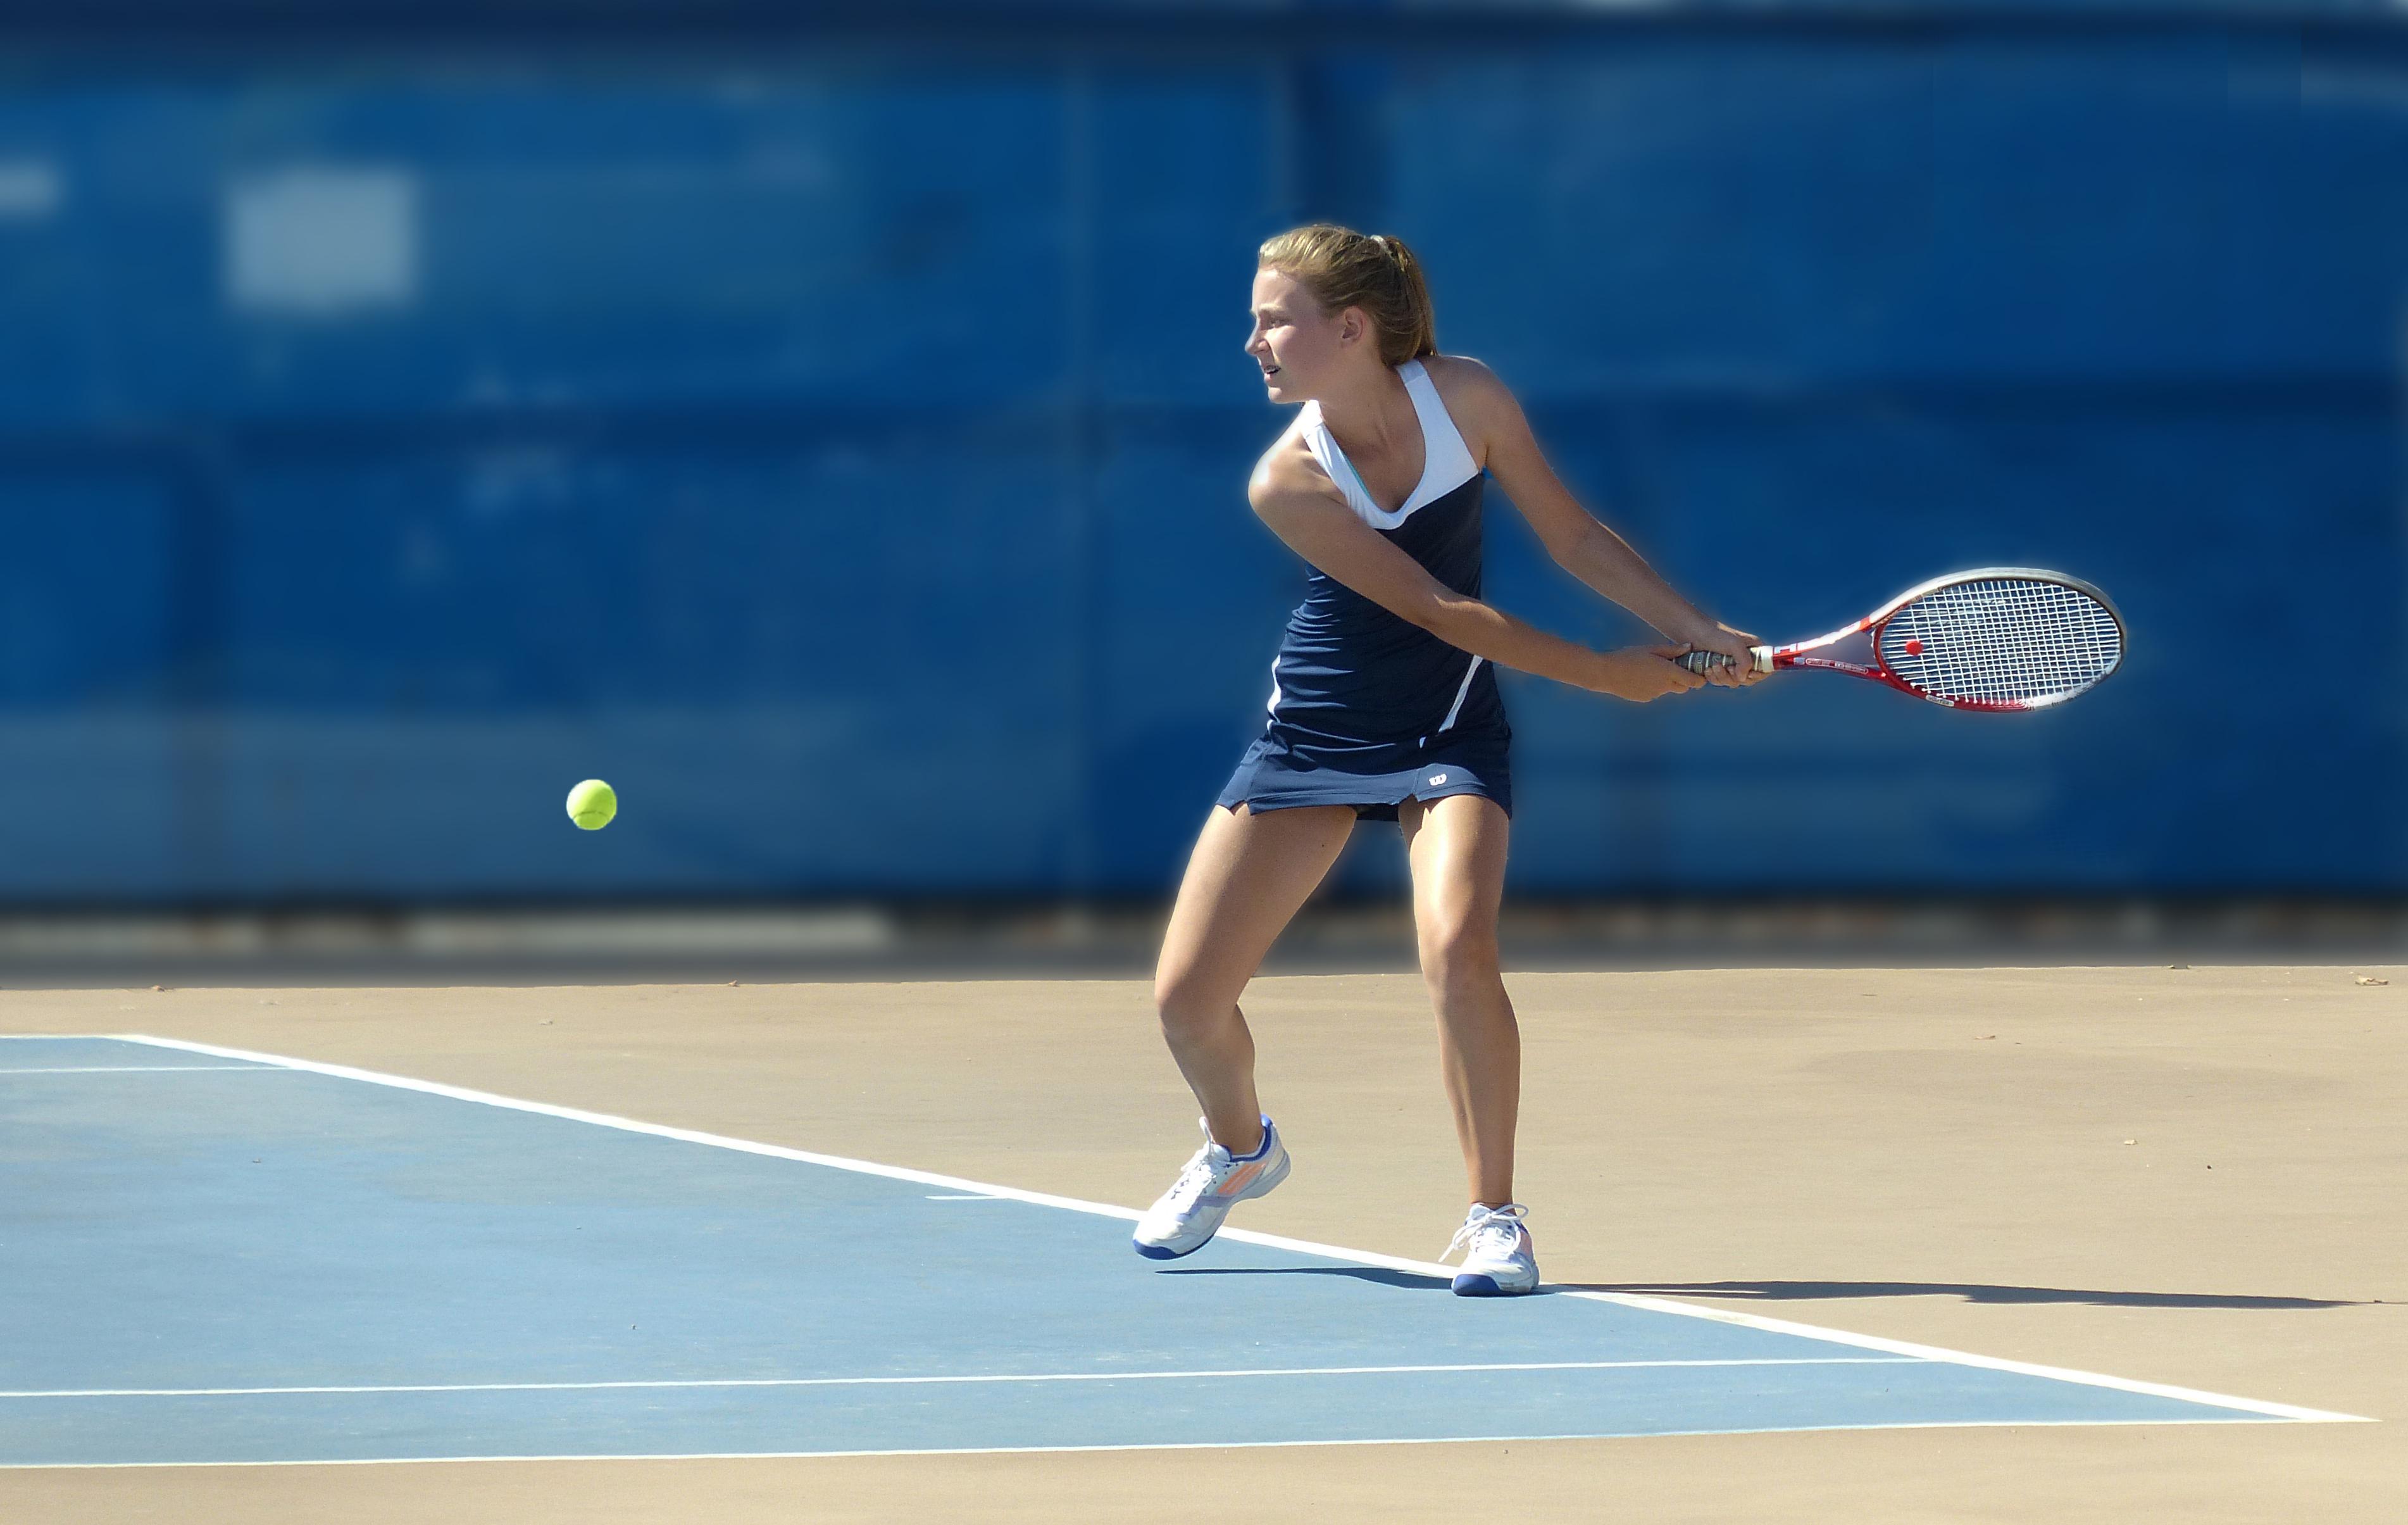 Chicas jugando tenis - 3805x2409